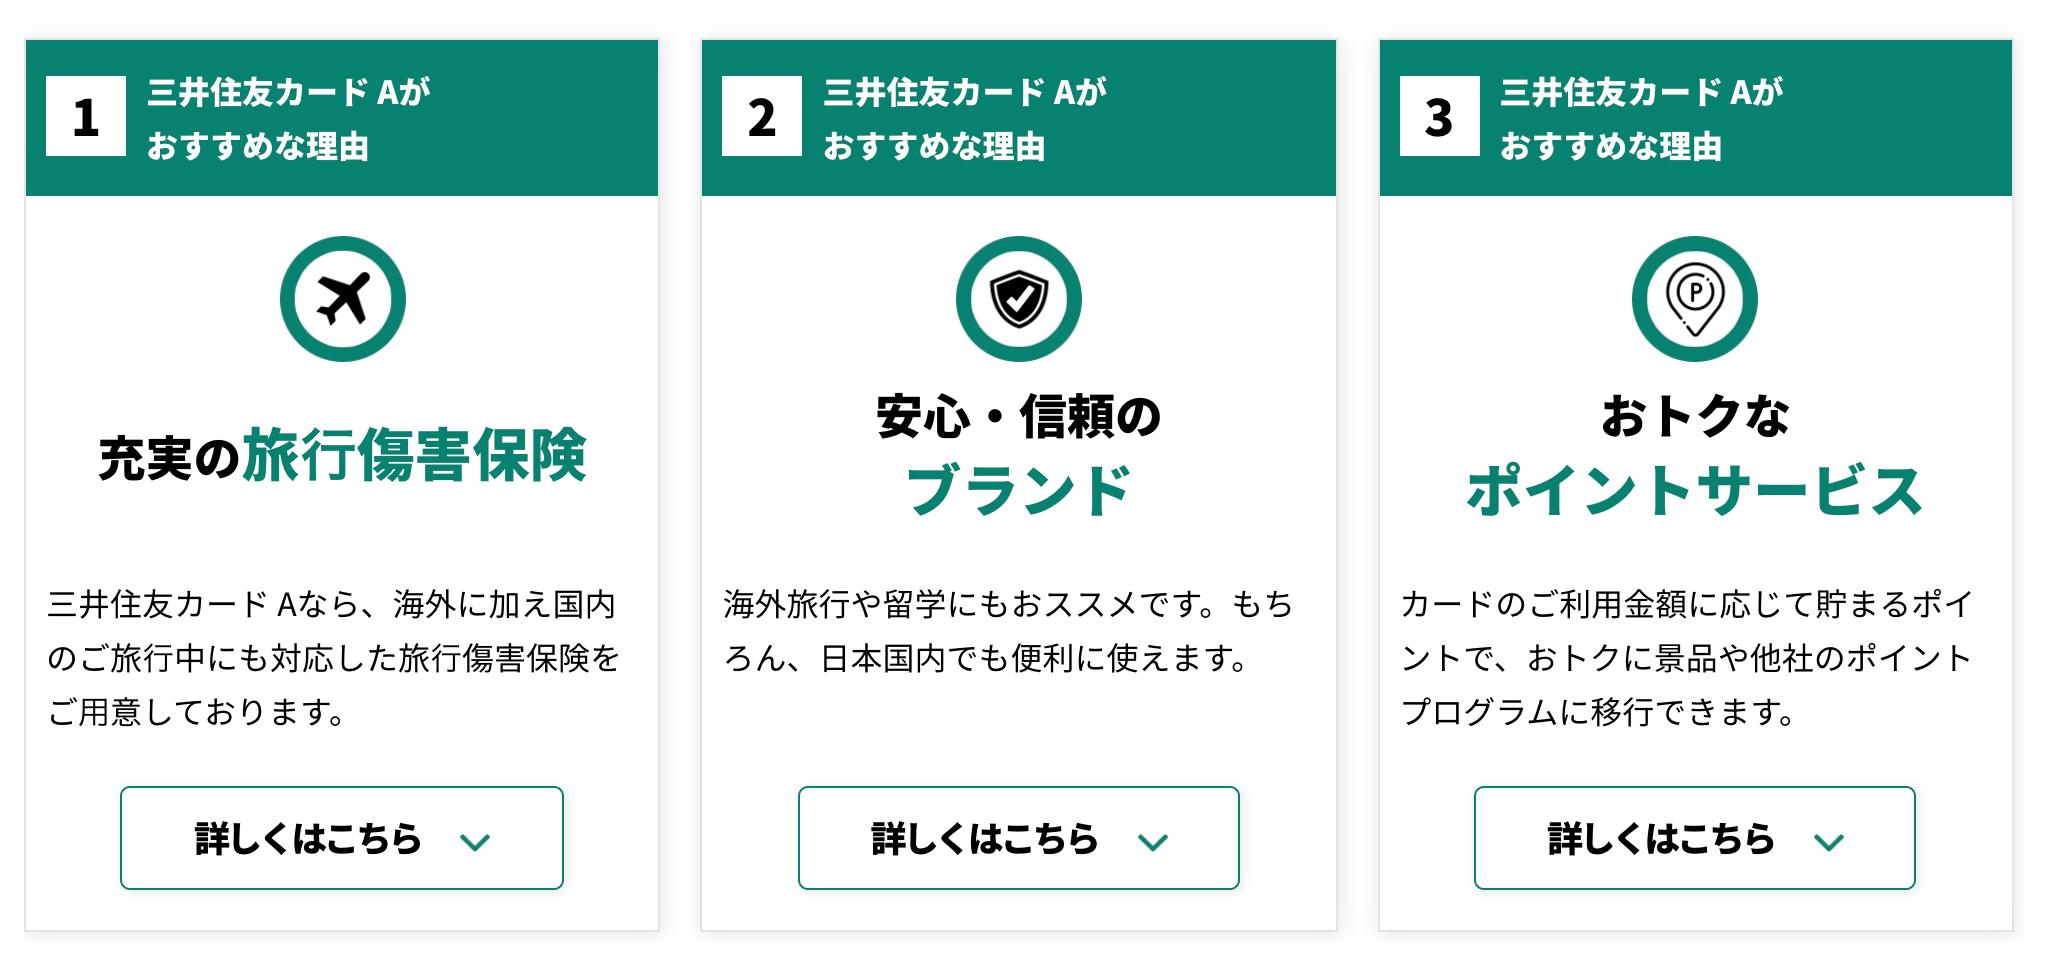 三井住友カードAのメリット